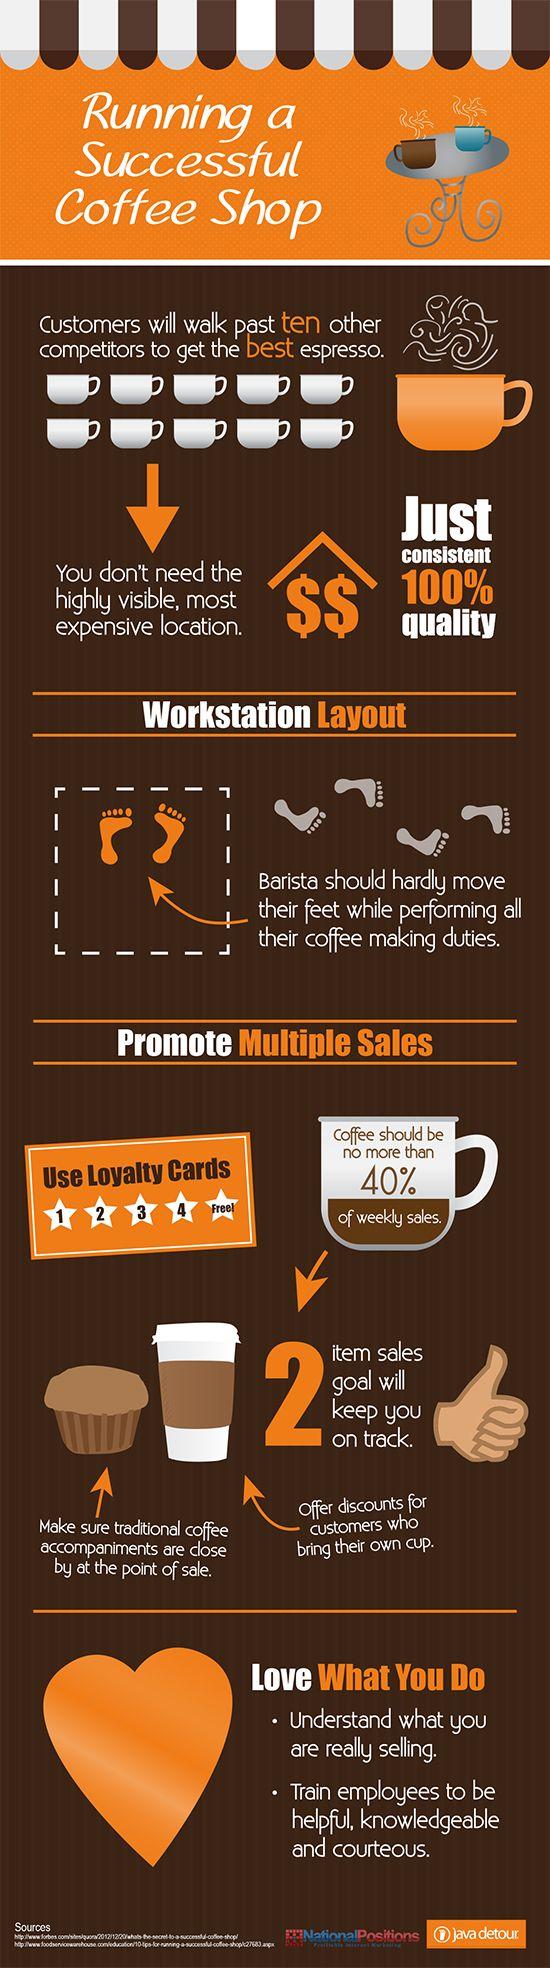 Como manejar bien el negocio de cafe